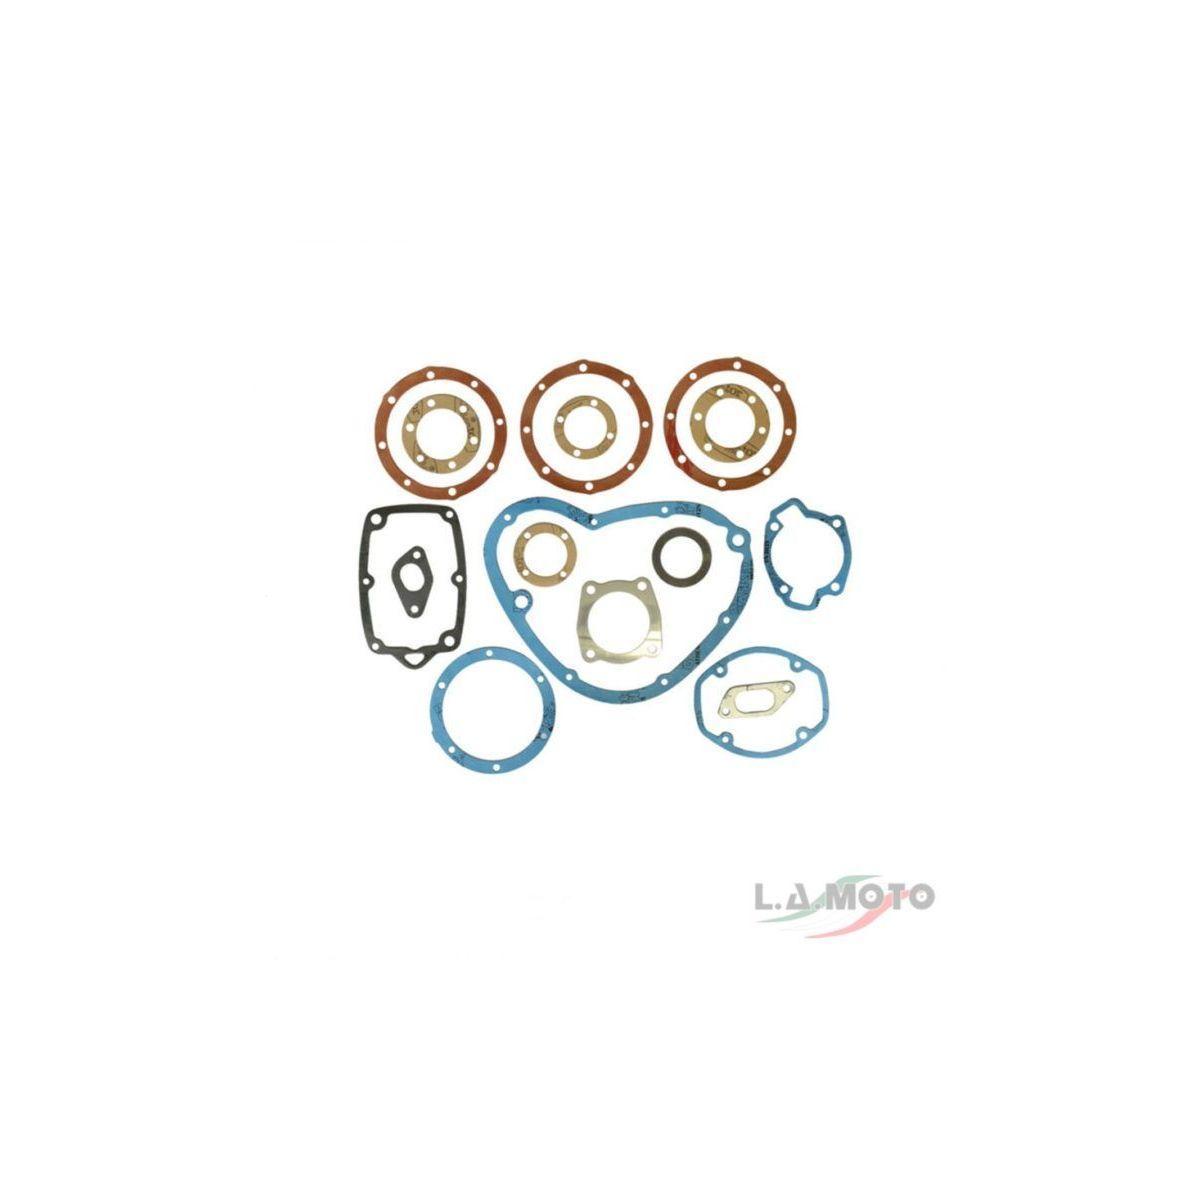 Guarnizioni motore per LAMBRETTA LAMBRO 175 cc.